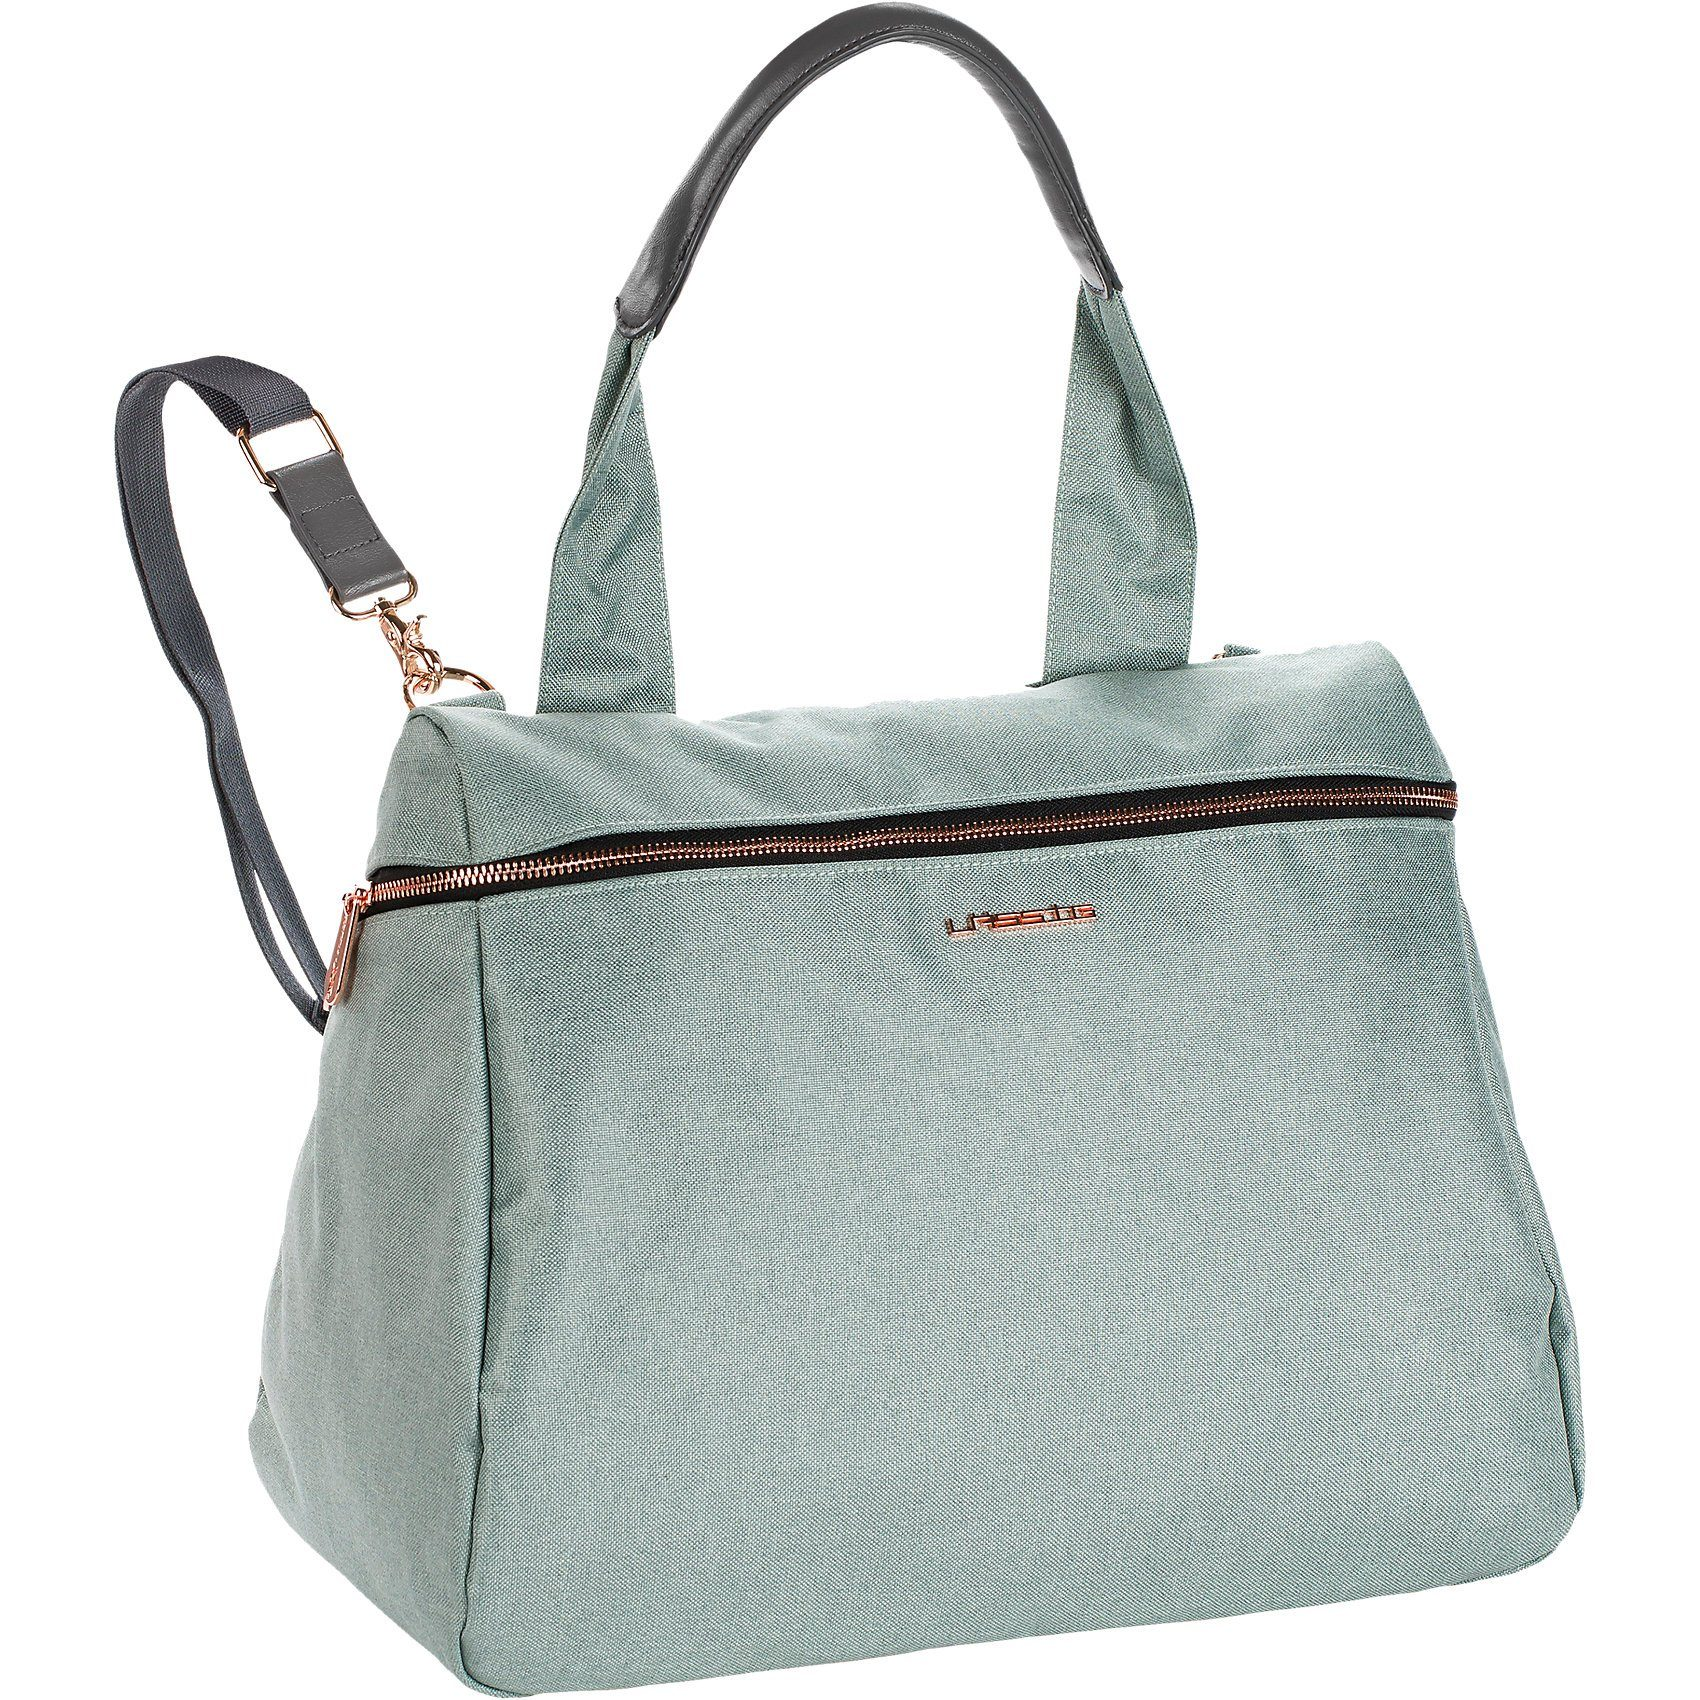 Lässig Wickeltasche Glam, Rosie Bag, Mint